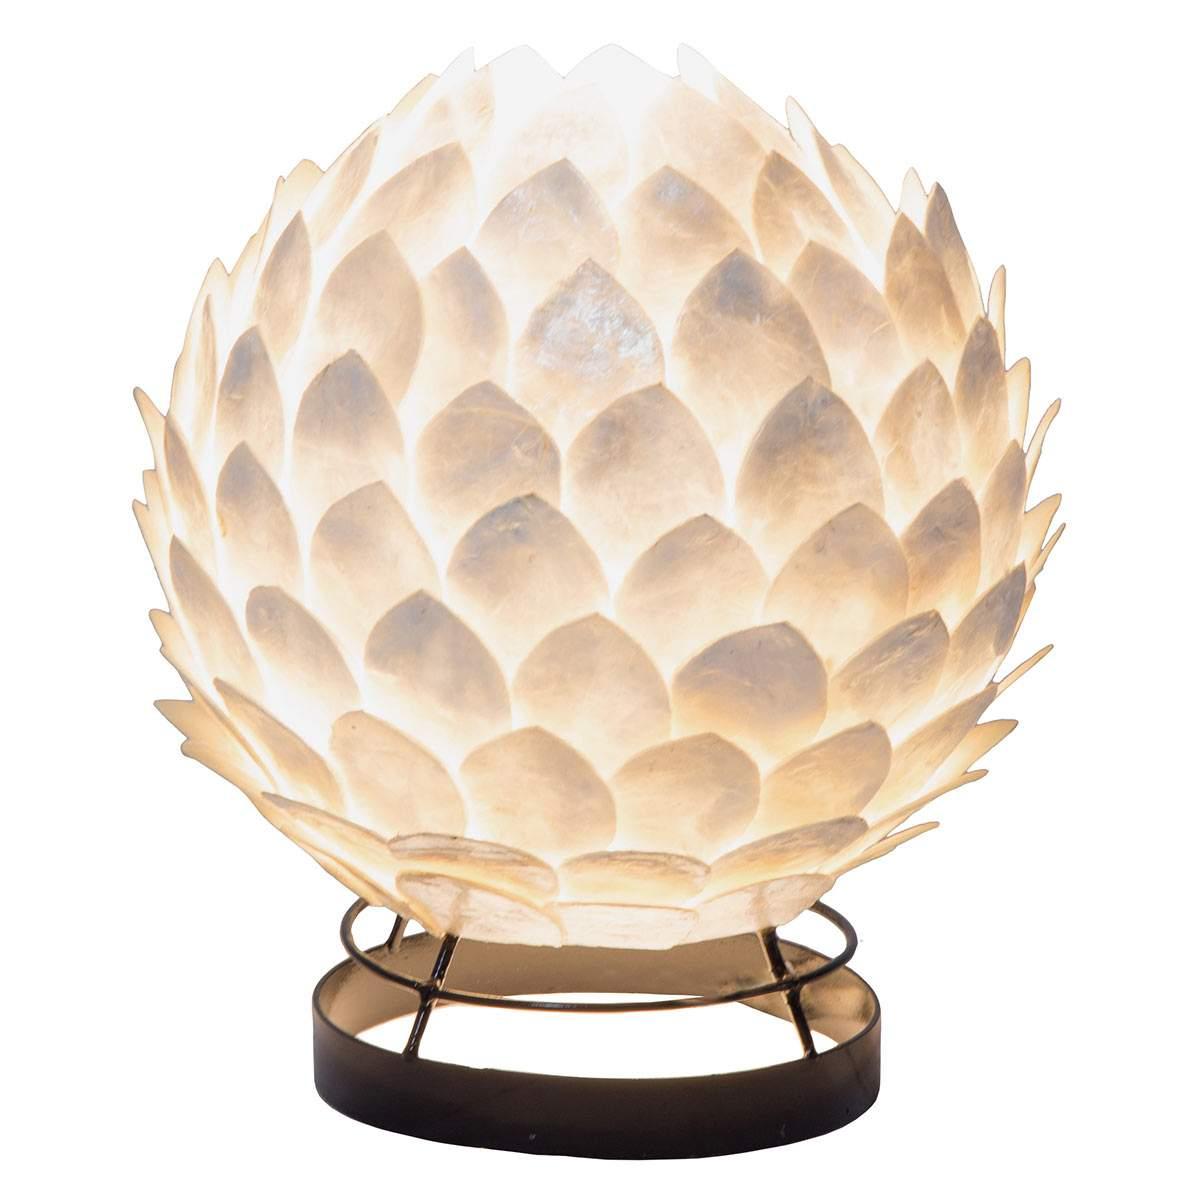 Lampada da tavolo Bali in madreperla bianca Illuminazione per interni